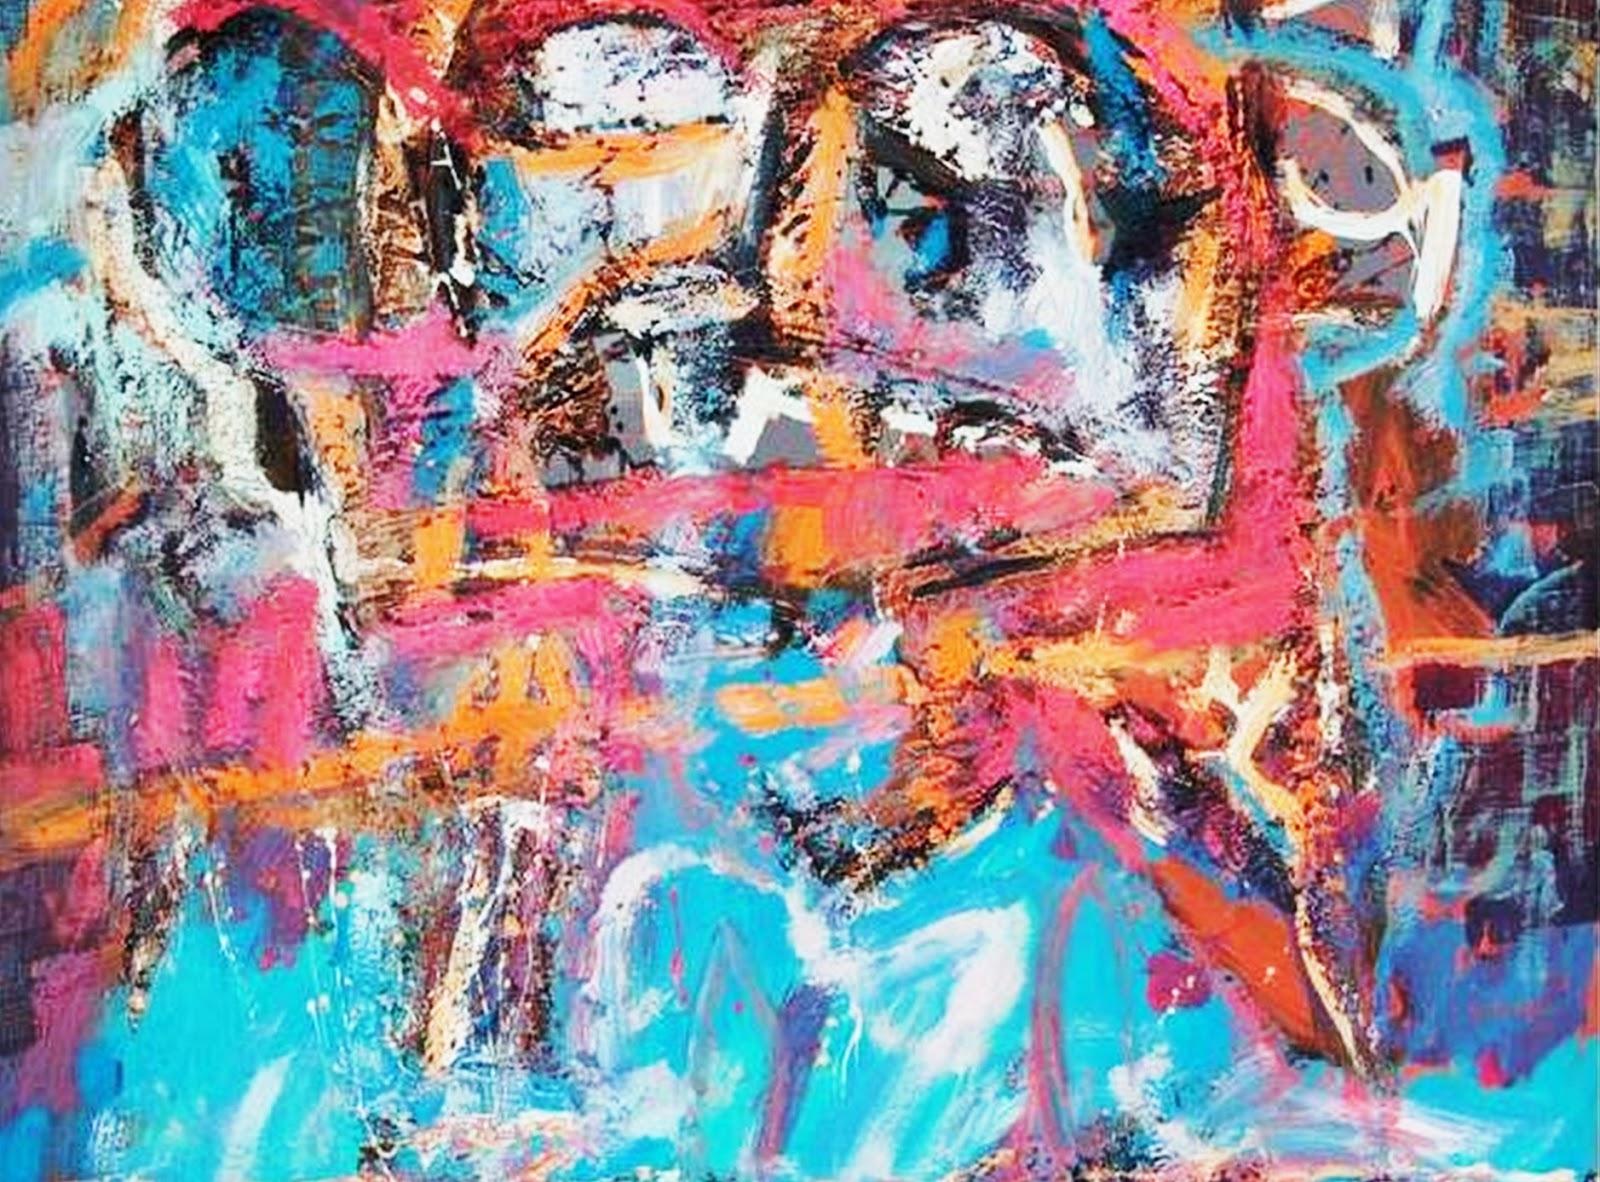 Cuadros Modernos Pinturas Y Dibujos Mayo 2013